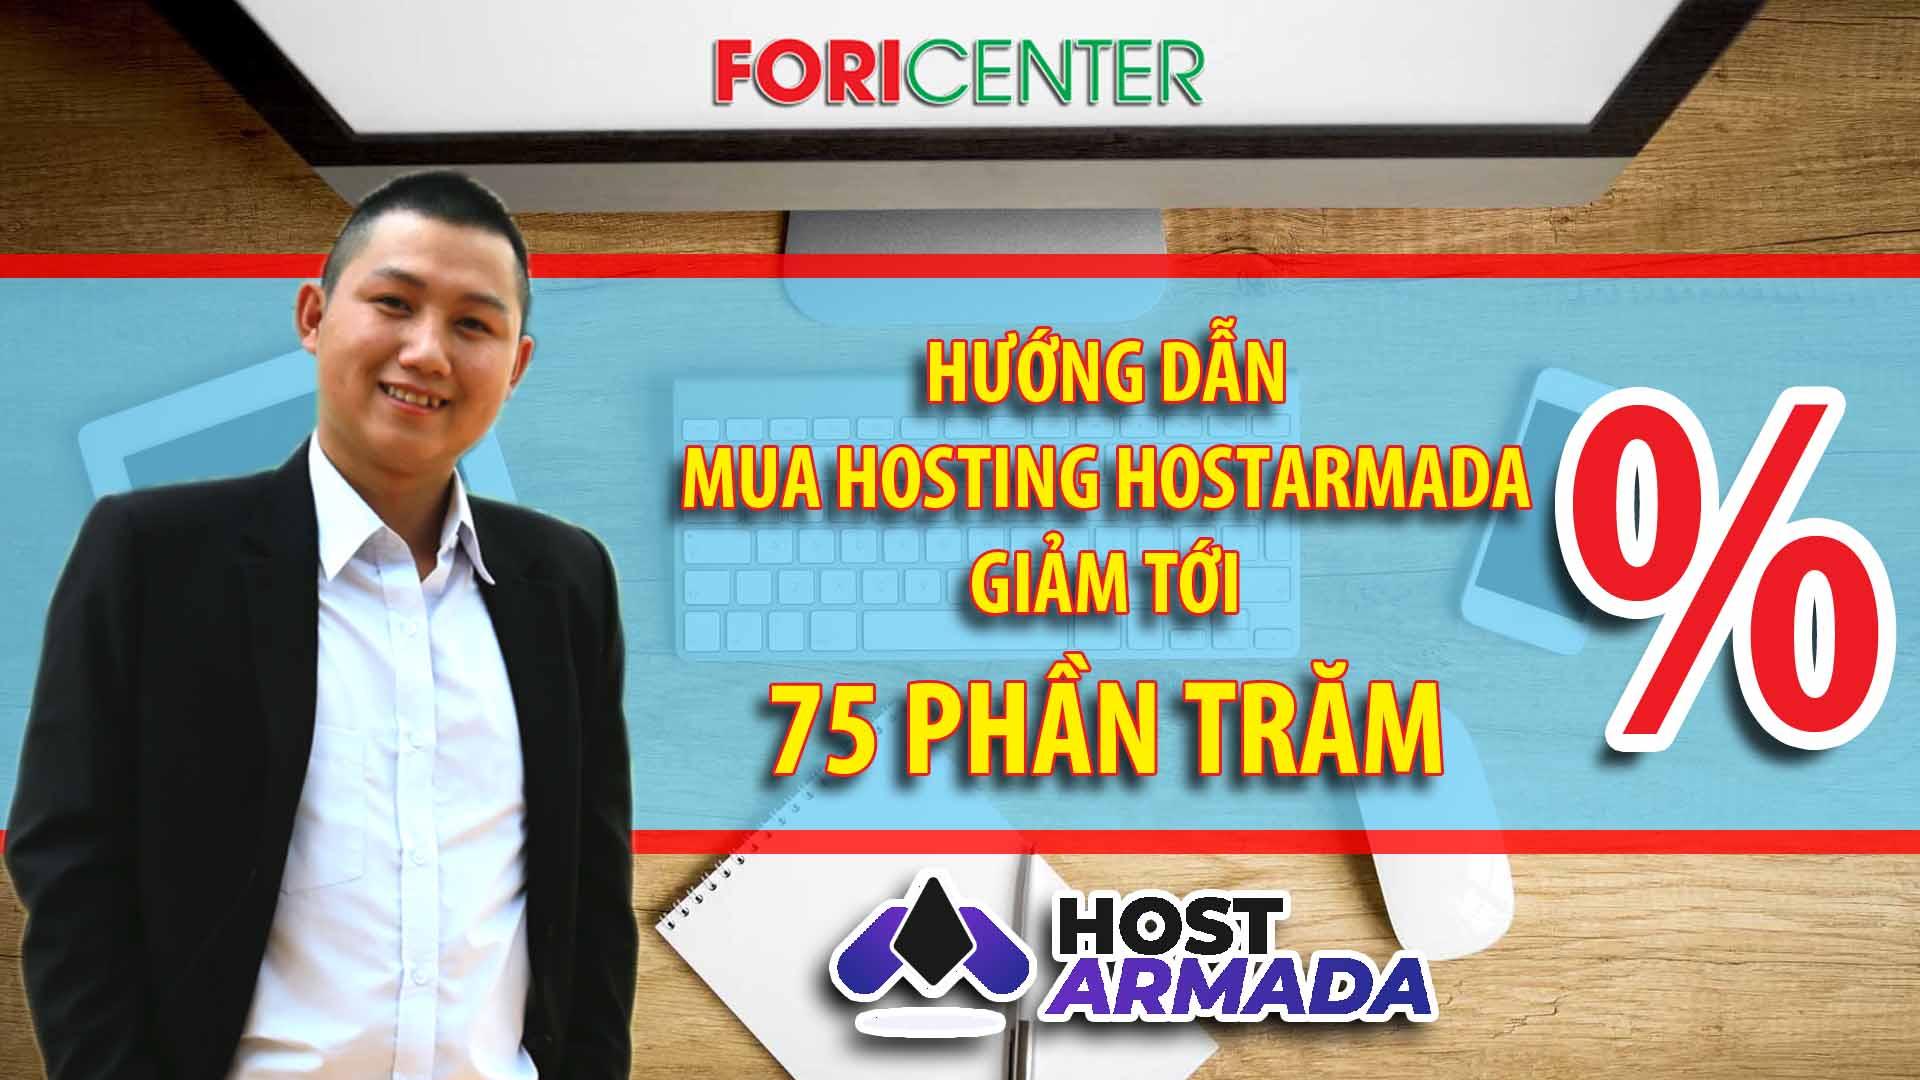 Cách mua hosting Hostarmada giảm giá tới 75 phần trăm